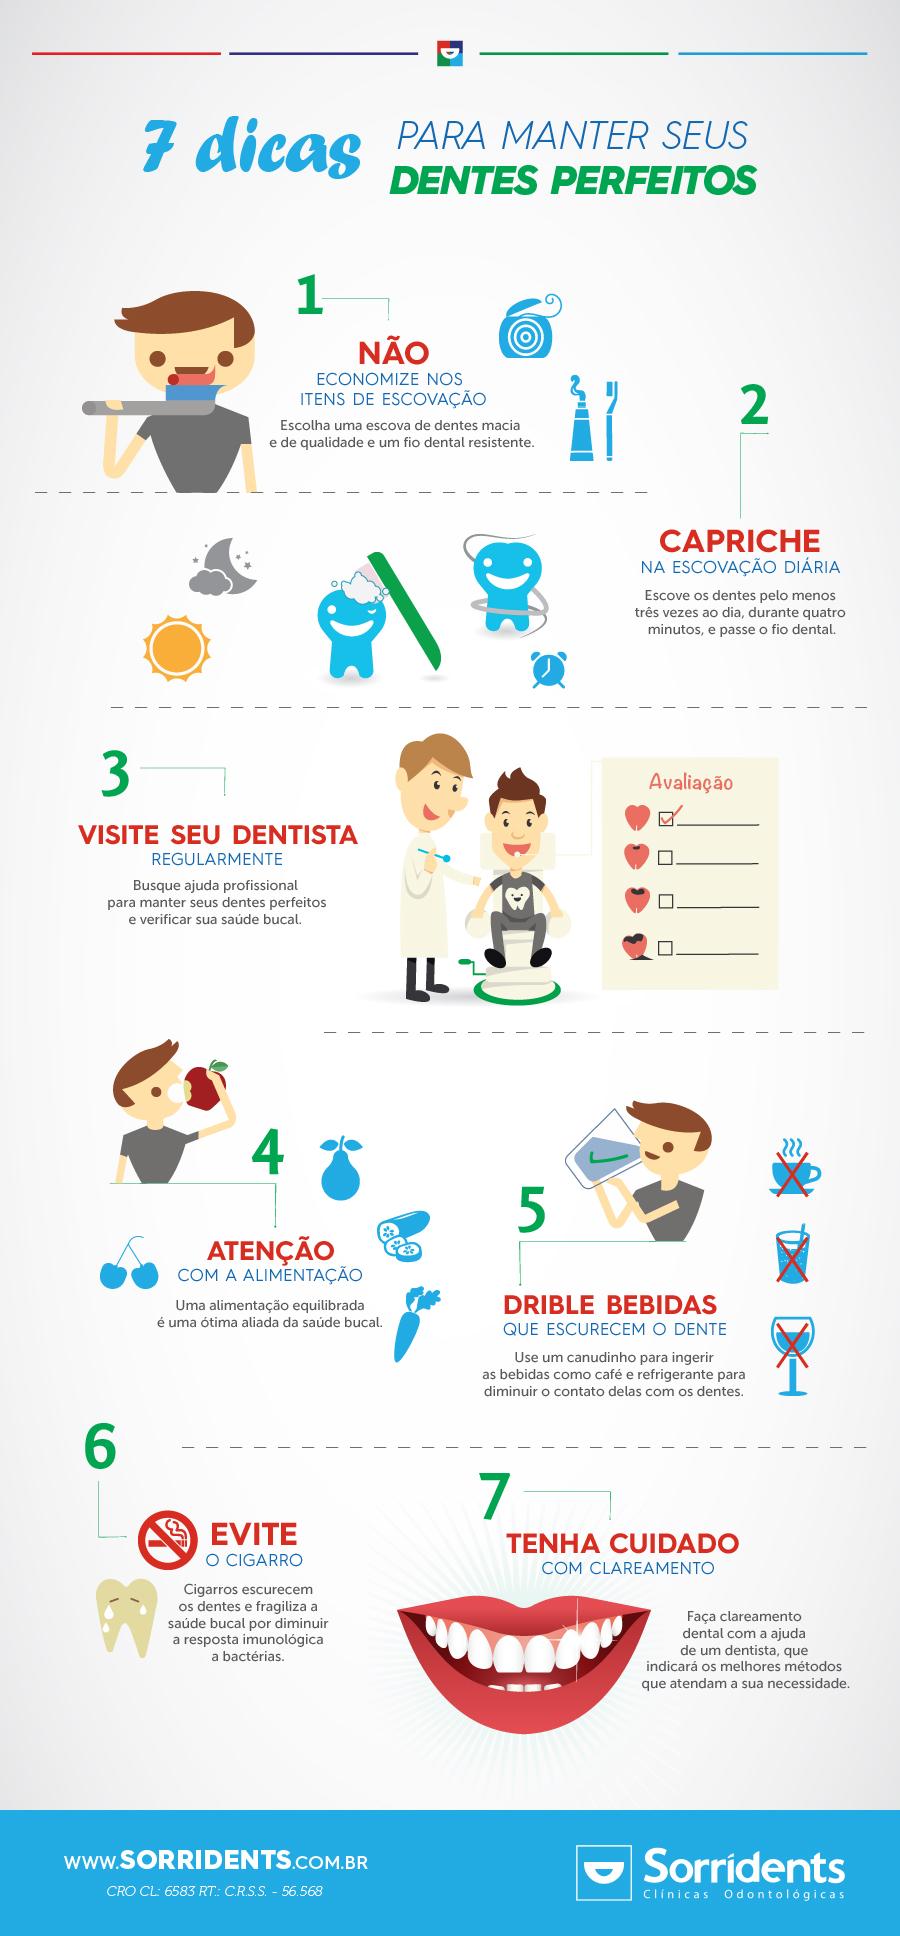 infografico dicas para dentes perfeitos